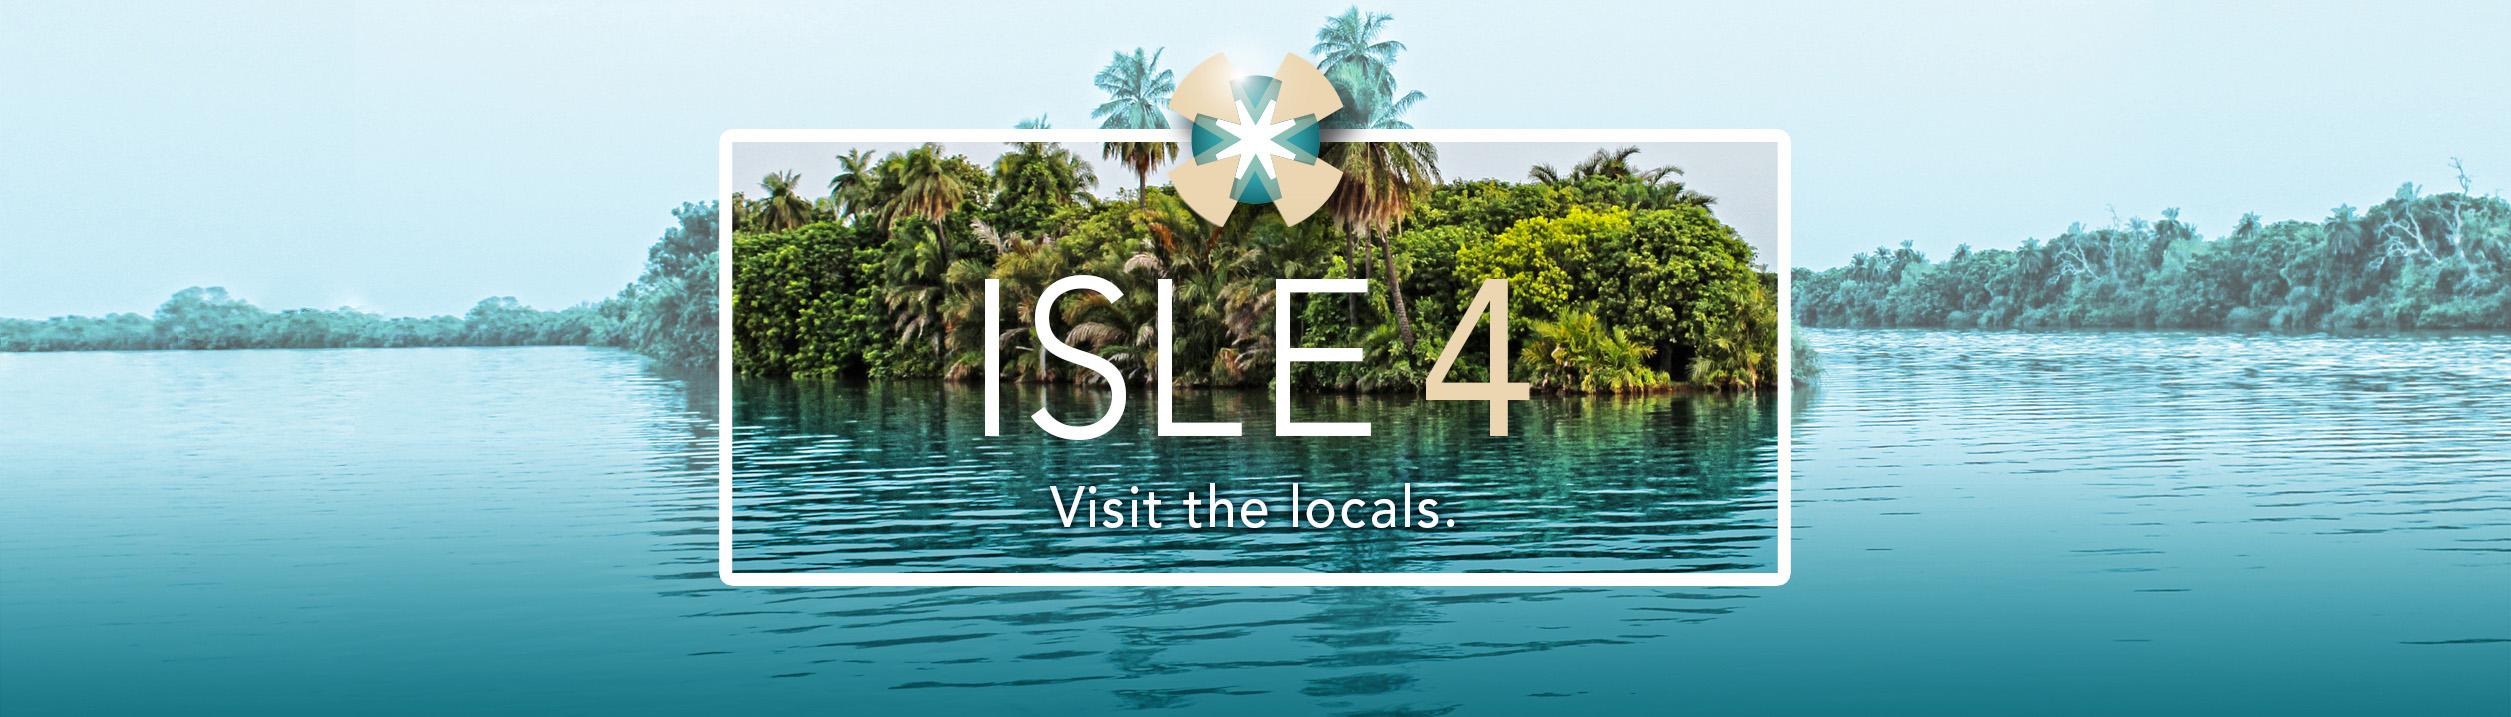 Isle4-Visit the Locals